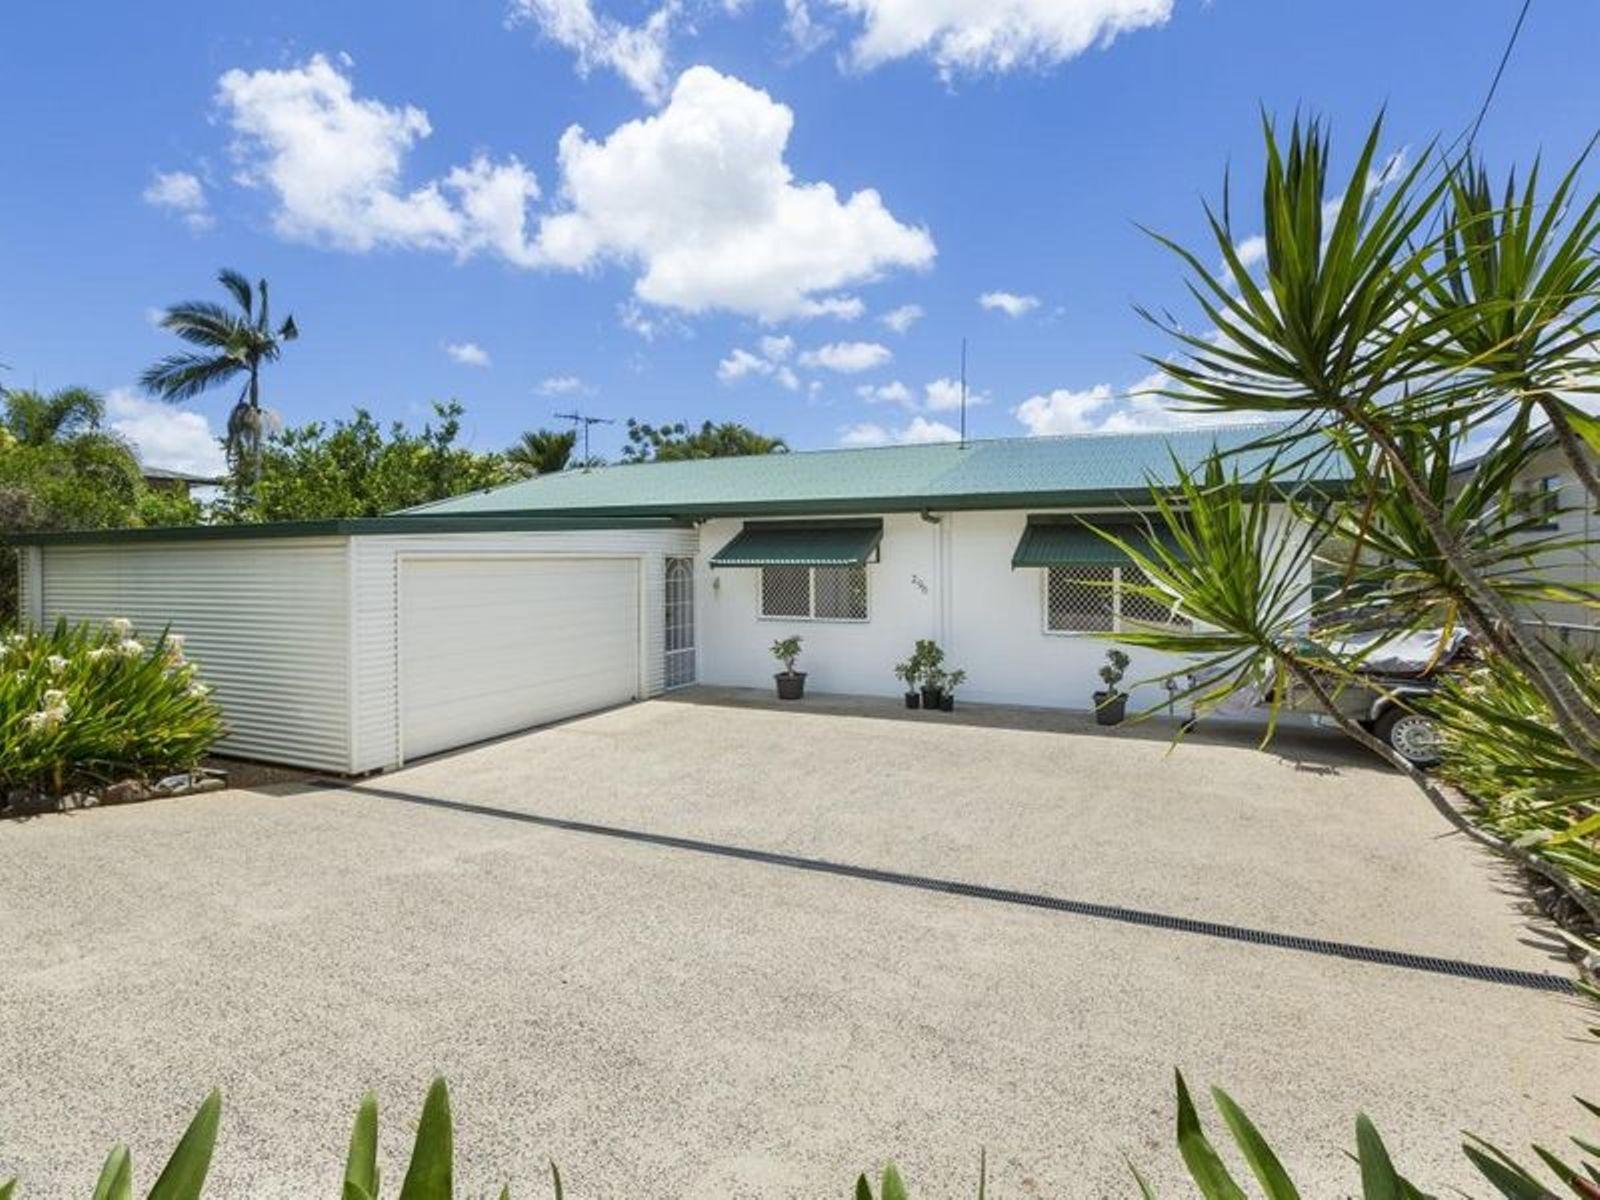 296 PALMERSTON Highway, Belvedere, QLD 4860